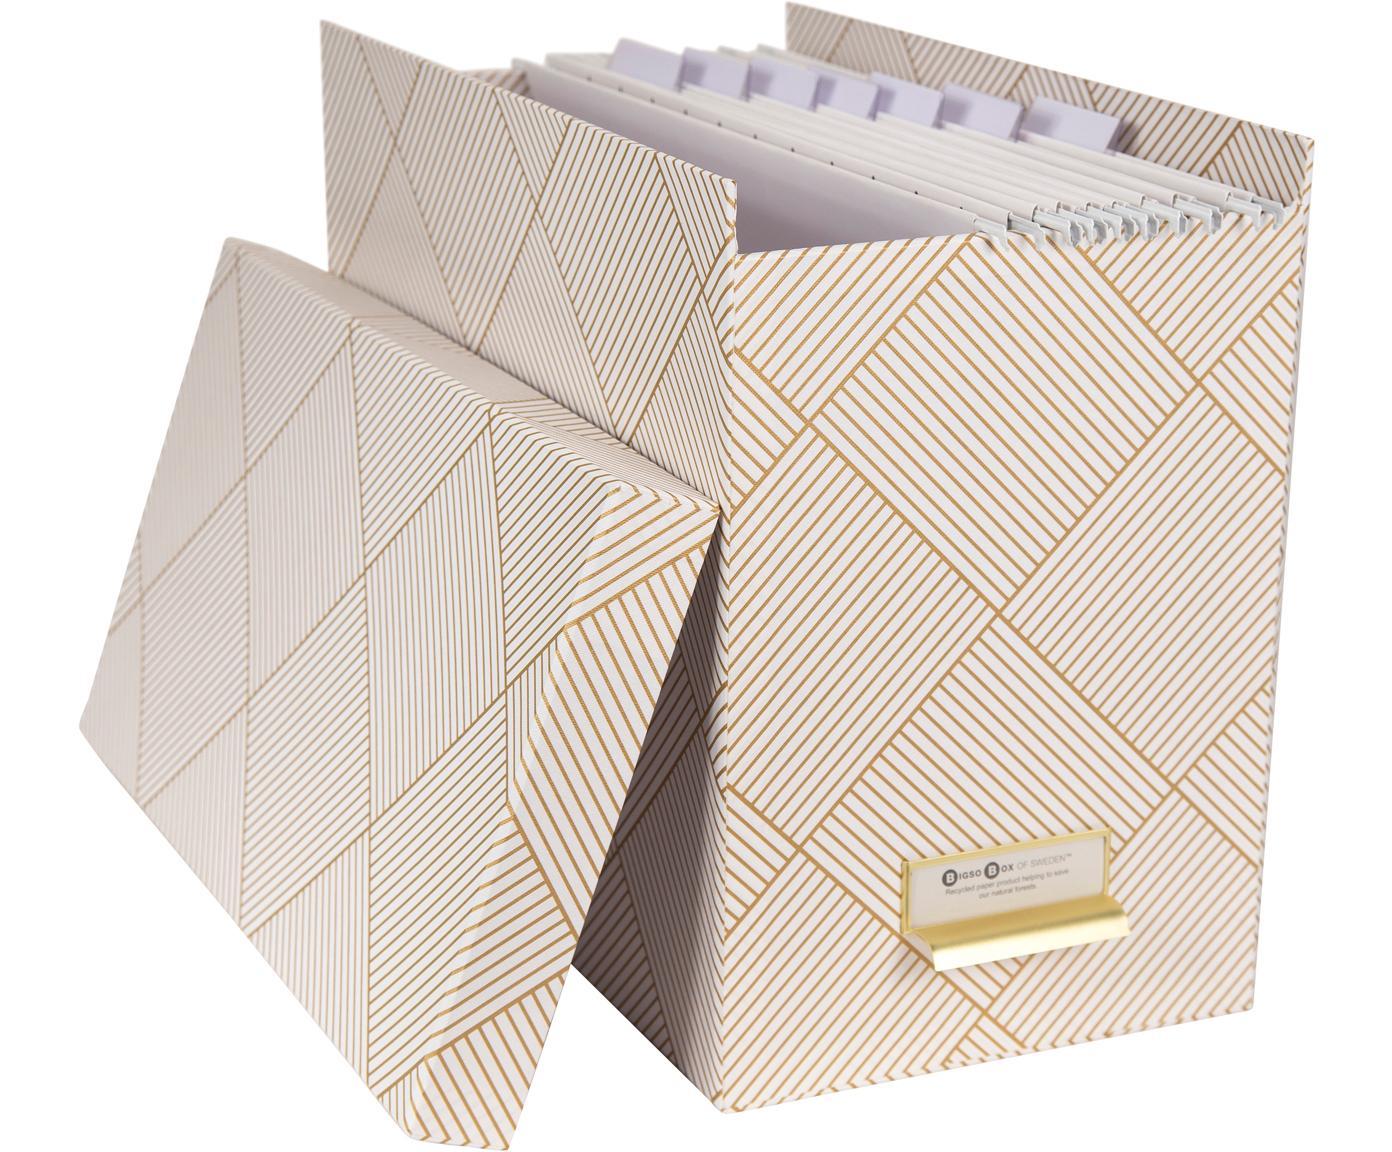 Registratiedoos Johan, 9-delig, Organizer: stevig gelamineerd karton, Zwart, 19 x 27 cm